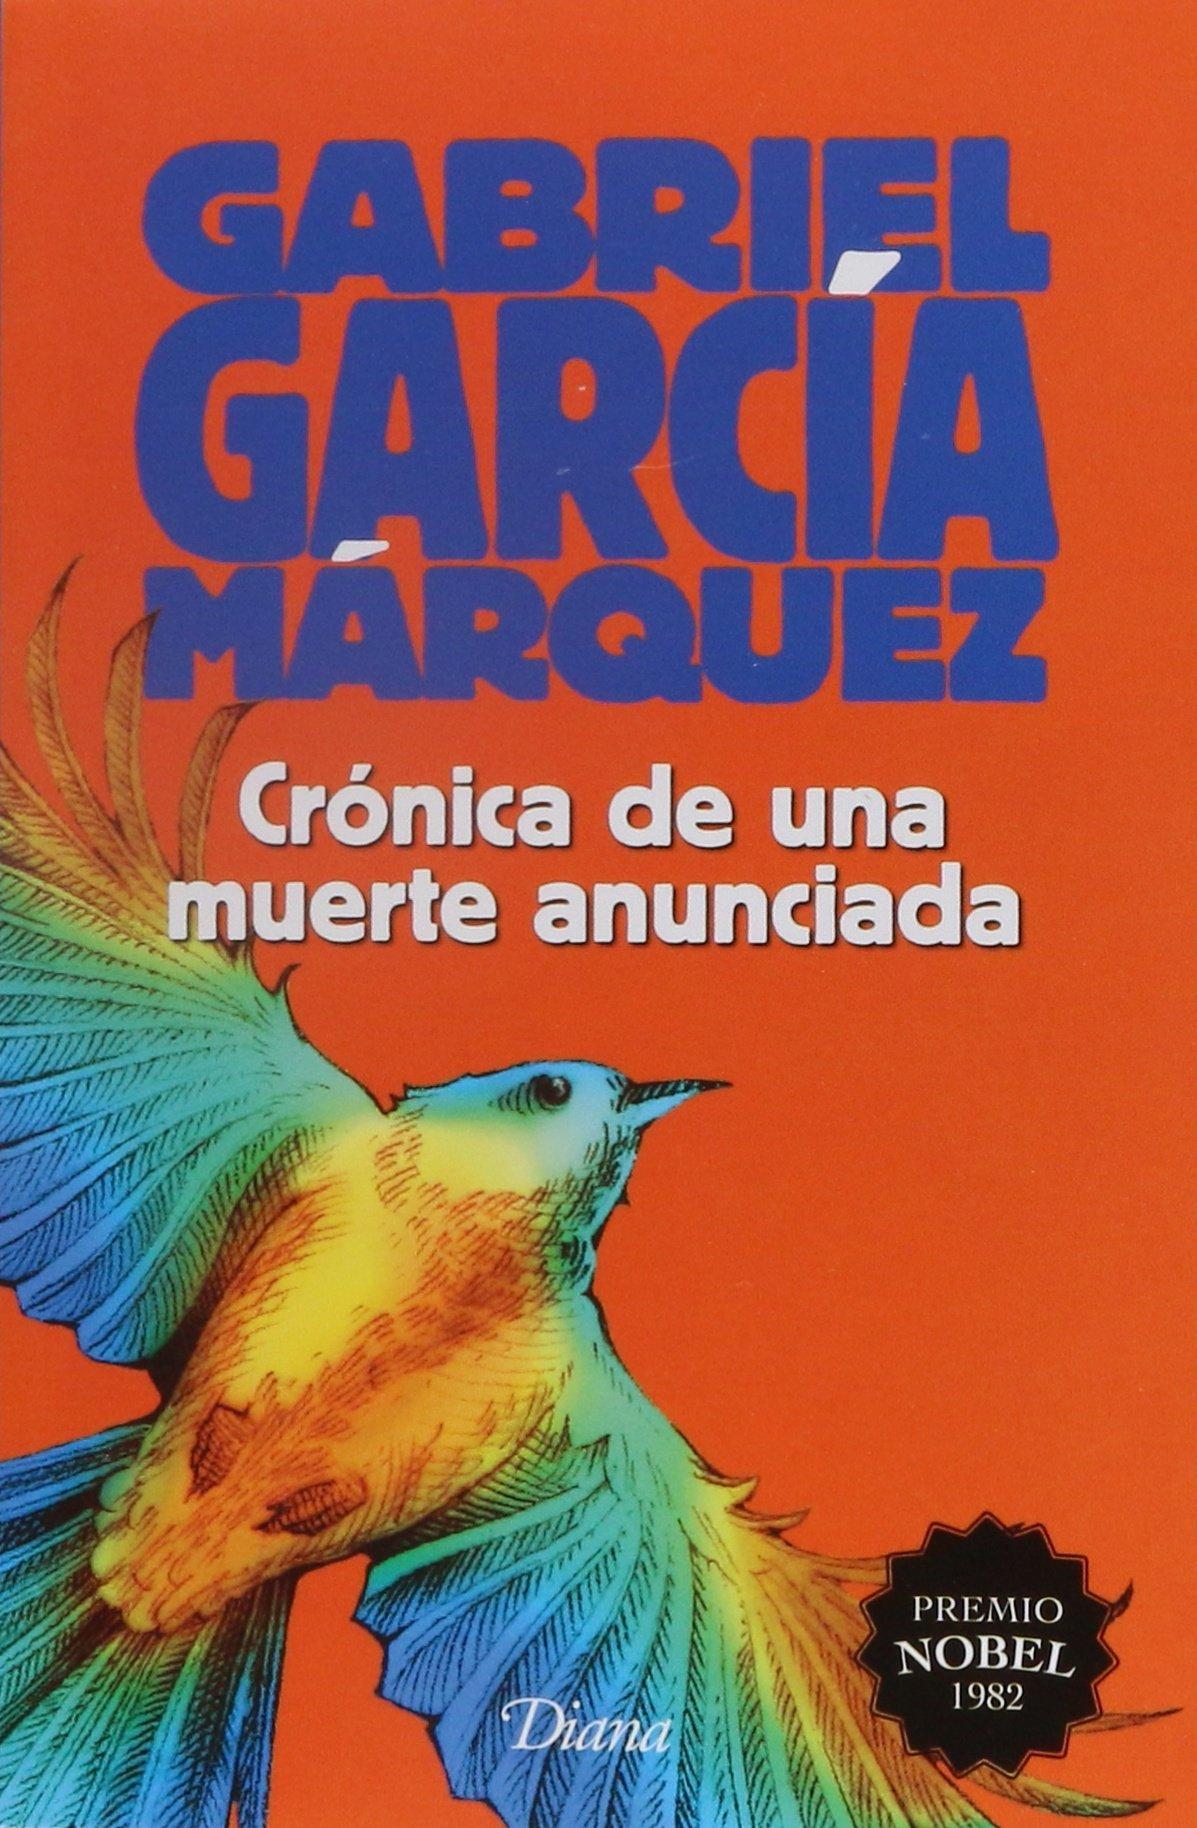 Image result for crónica de una muerte anunciada